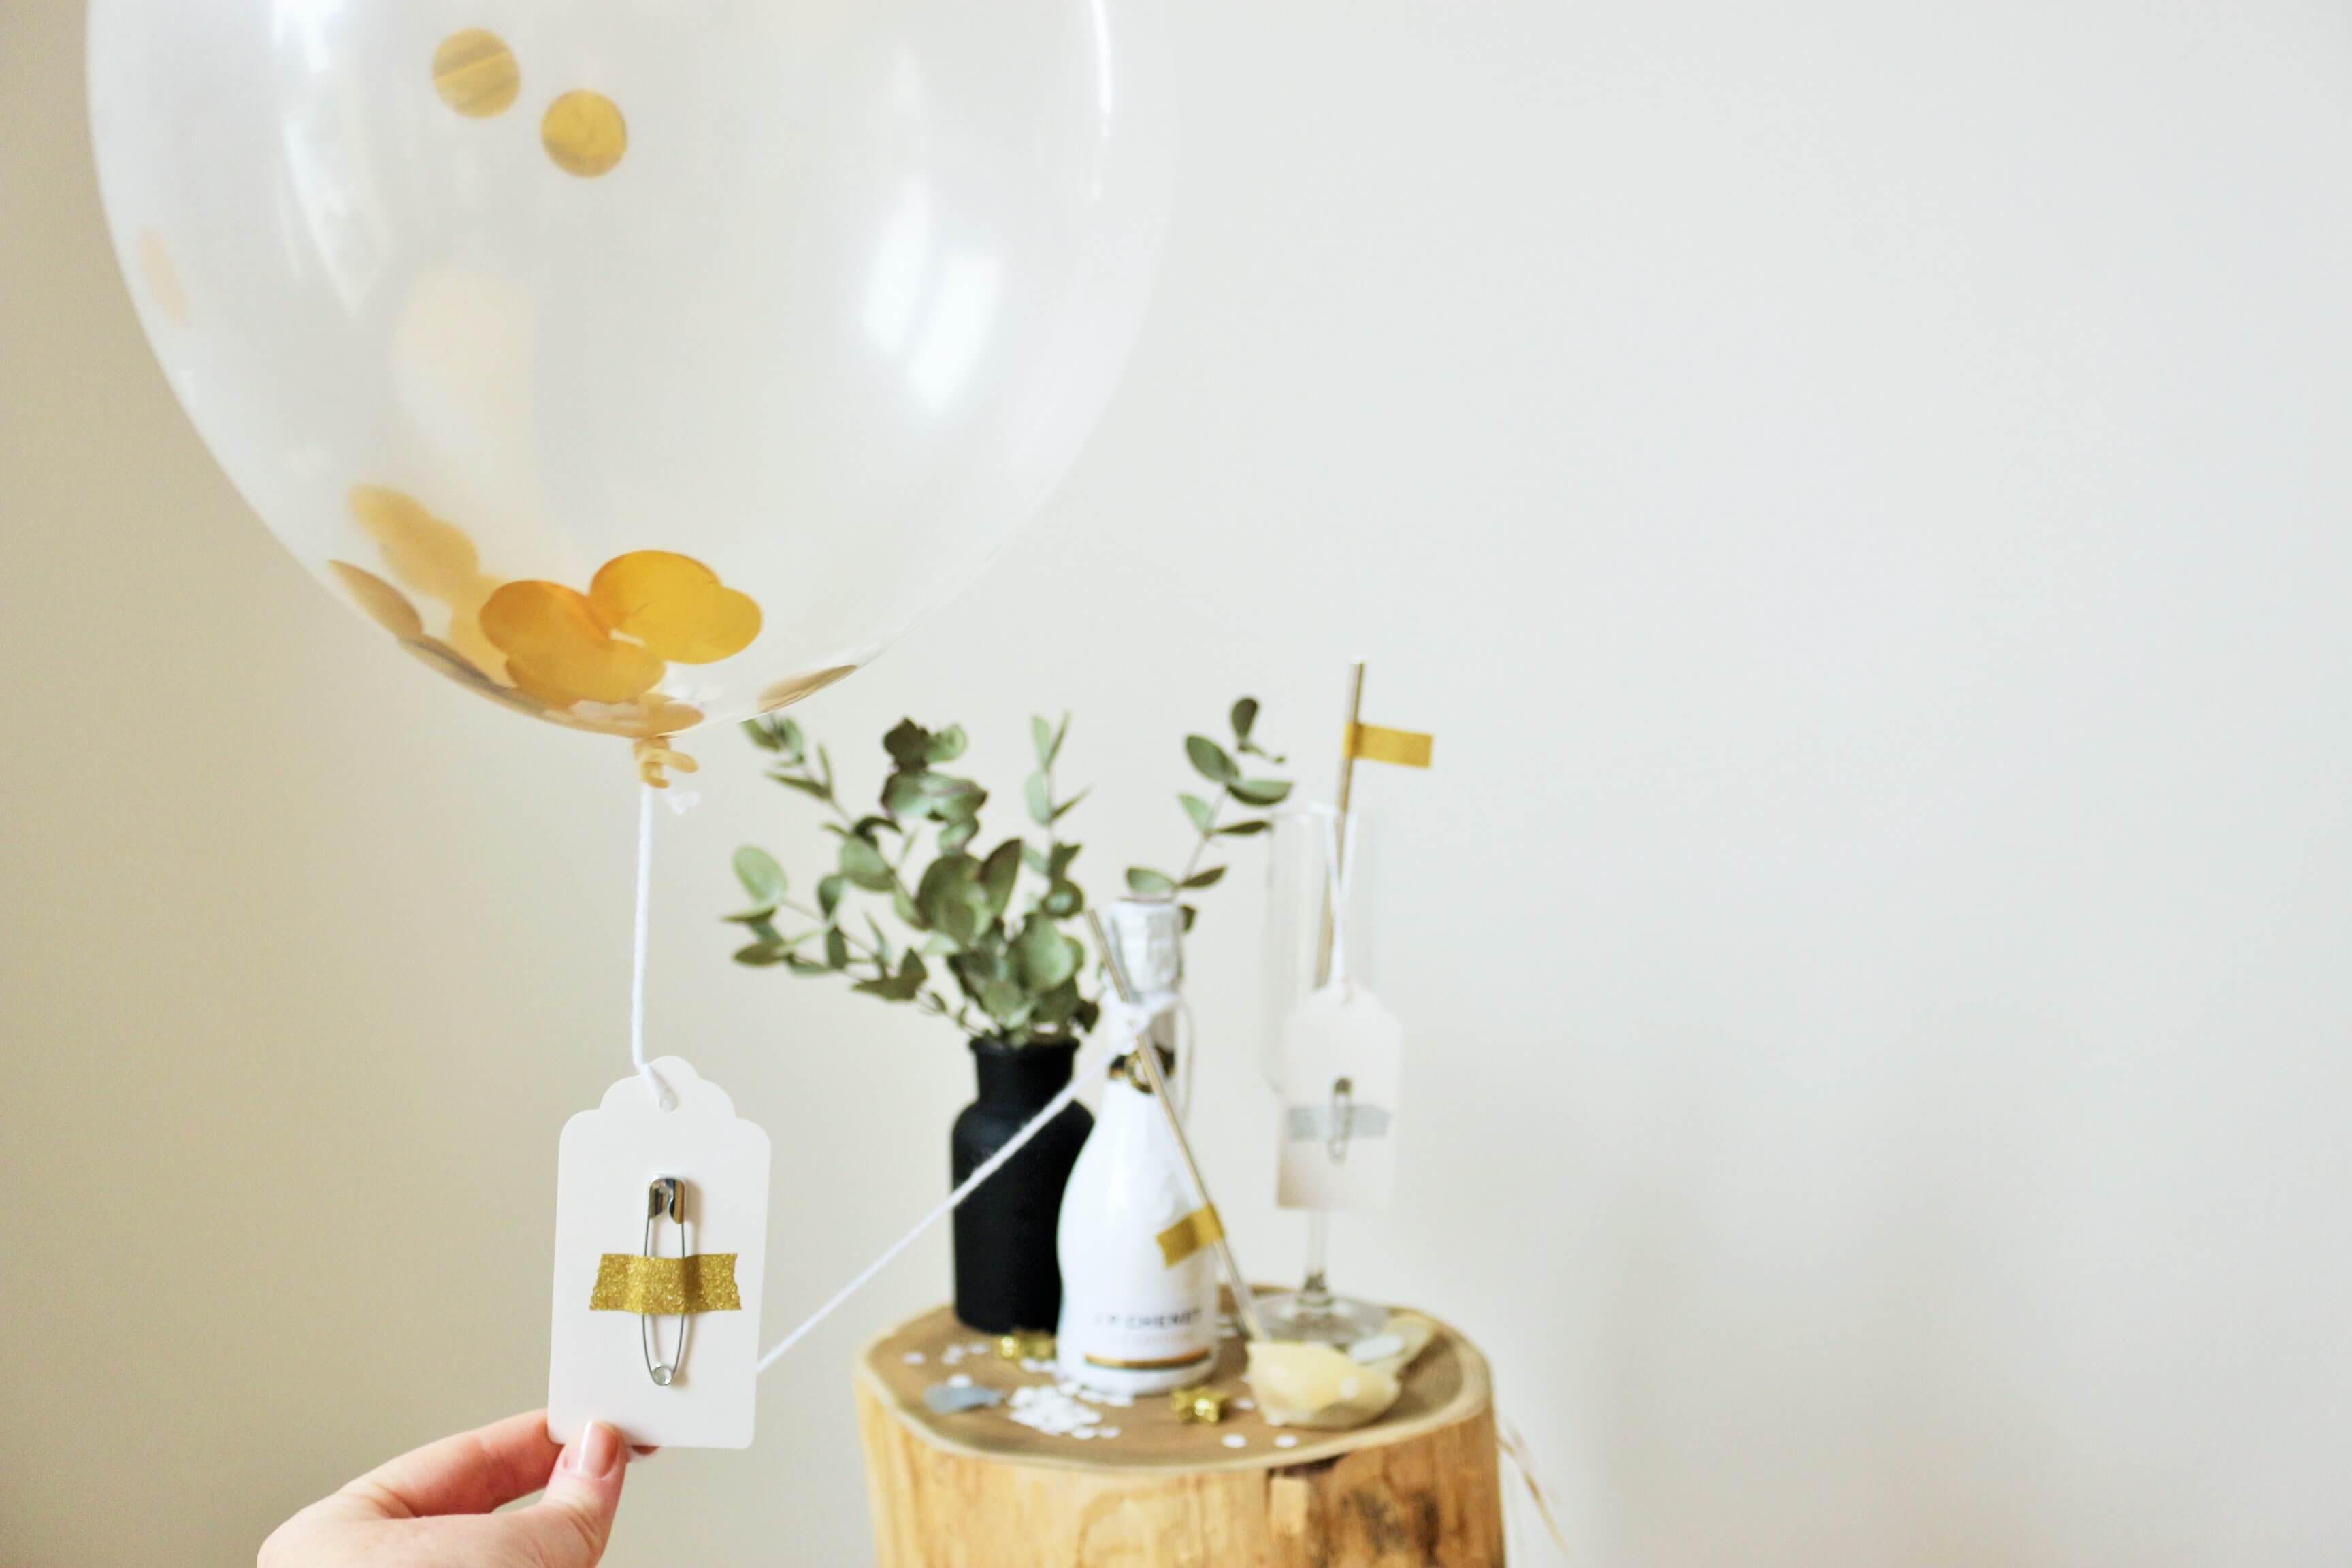 diy geschenk idee im konfetti luftballon botschaften verstecken partystories blog. Black Bedroom Furniture Sets. Home Design Ideas